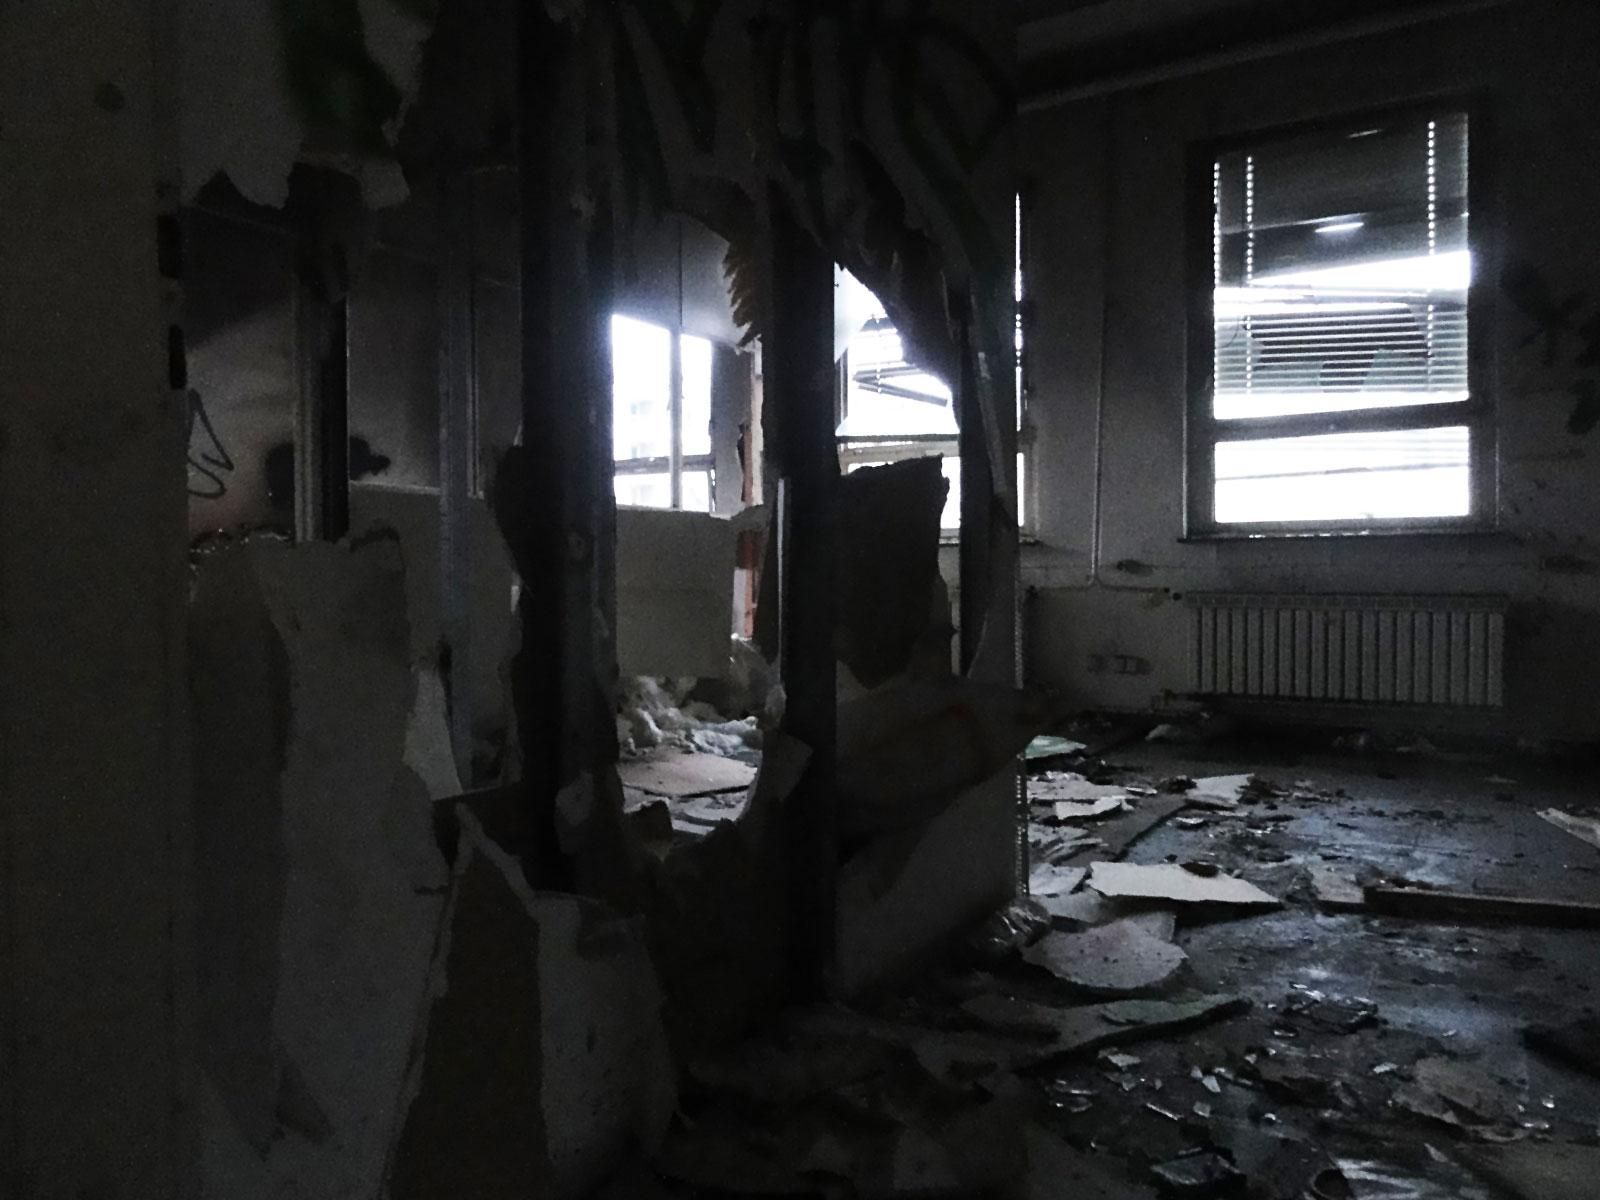 urbex-frankfurt-fotografie-teves-werk-gallus-07